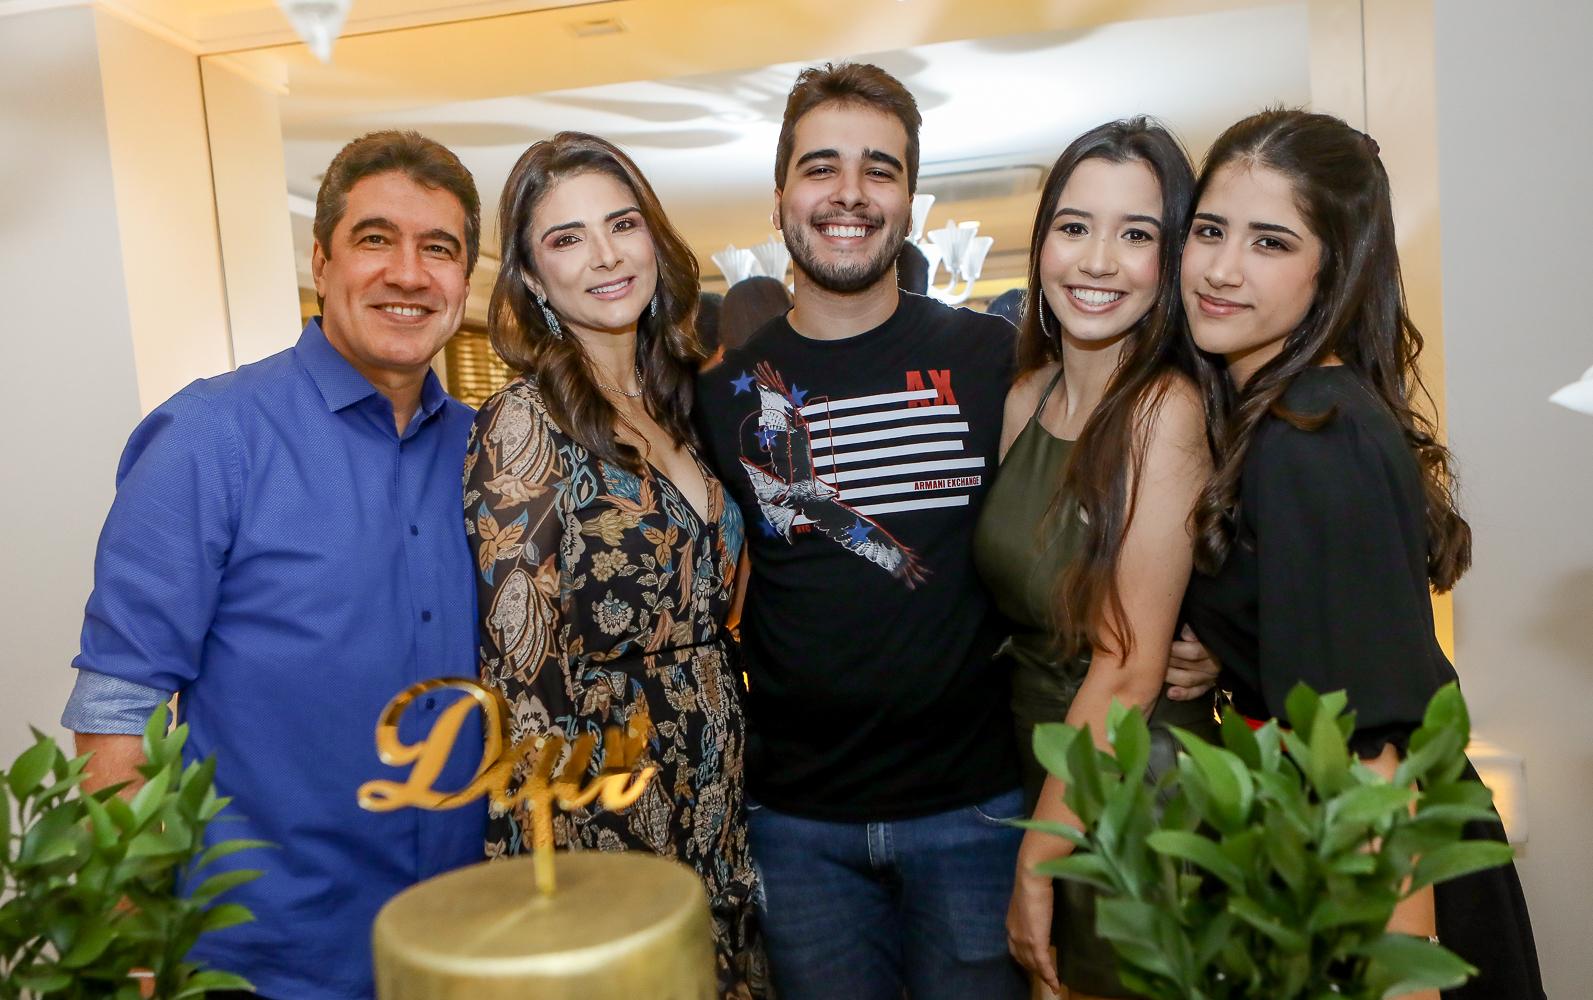 Davi Teixeira ganha festa surpresa para celebrar sua troca de idade